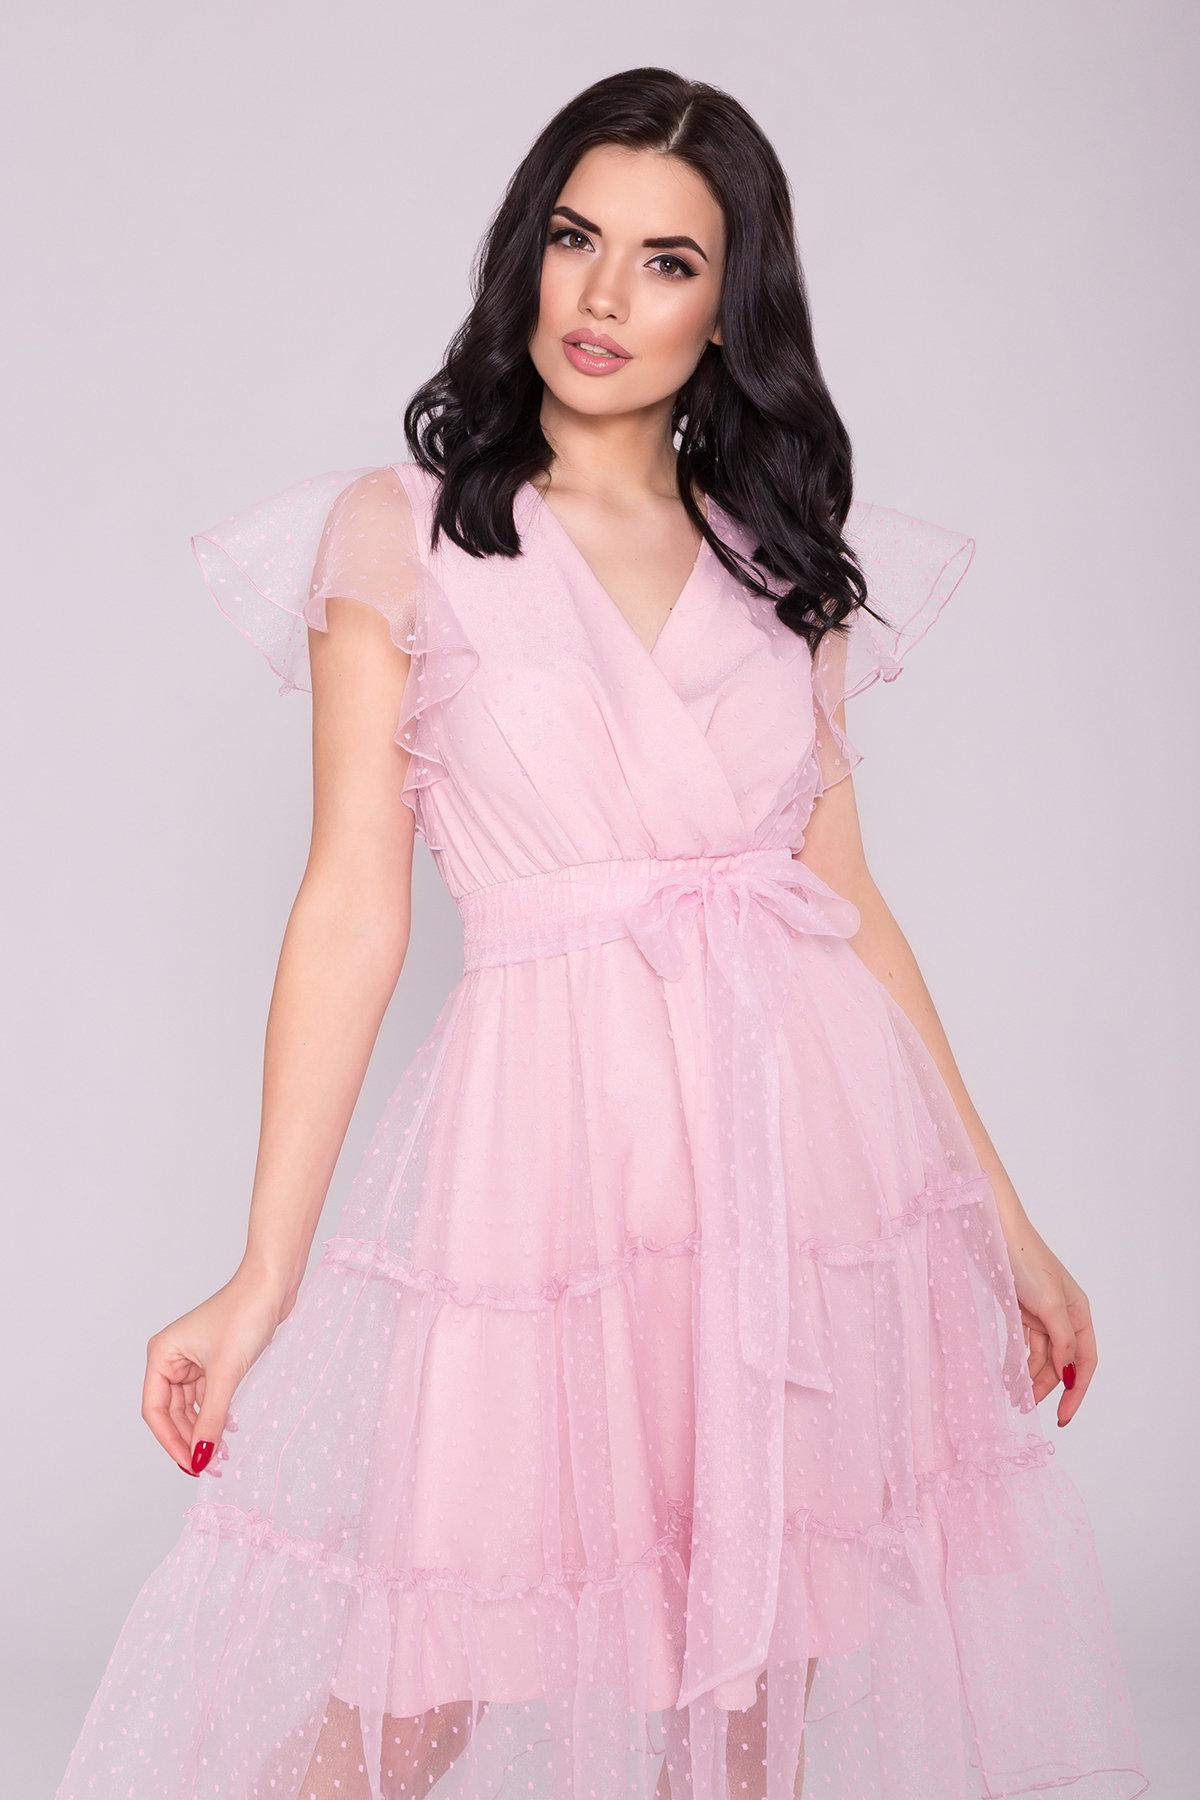 Платье Манана 7075 АРТ. 42448 Цвет: Розовый Светлый 13 - фото 4, интернет магазин tm-modus.ru